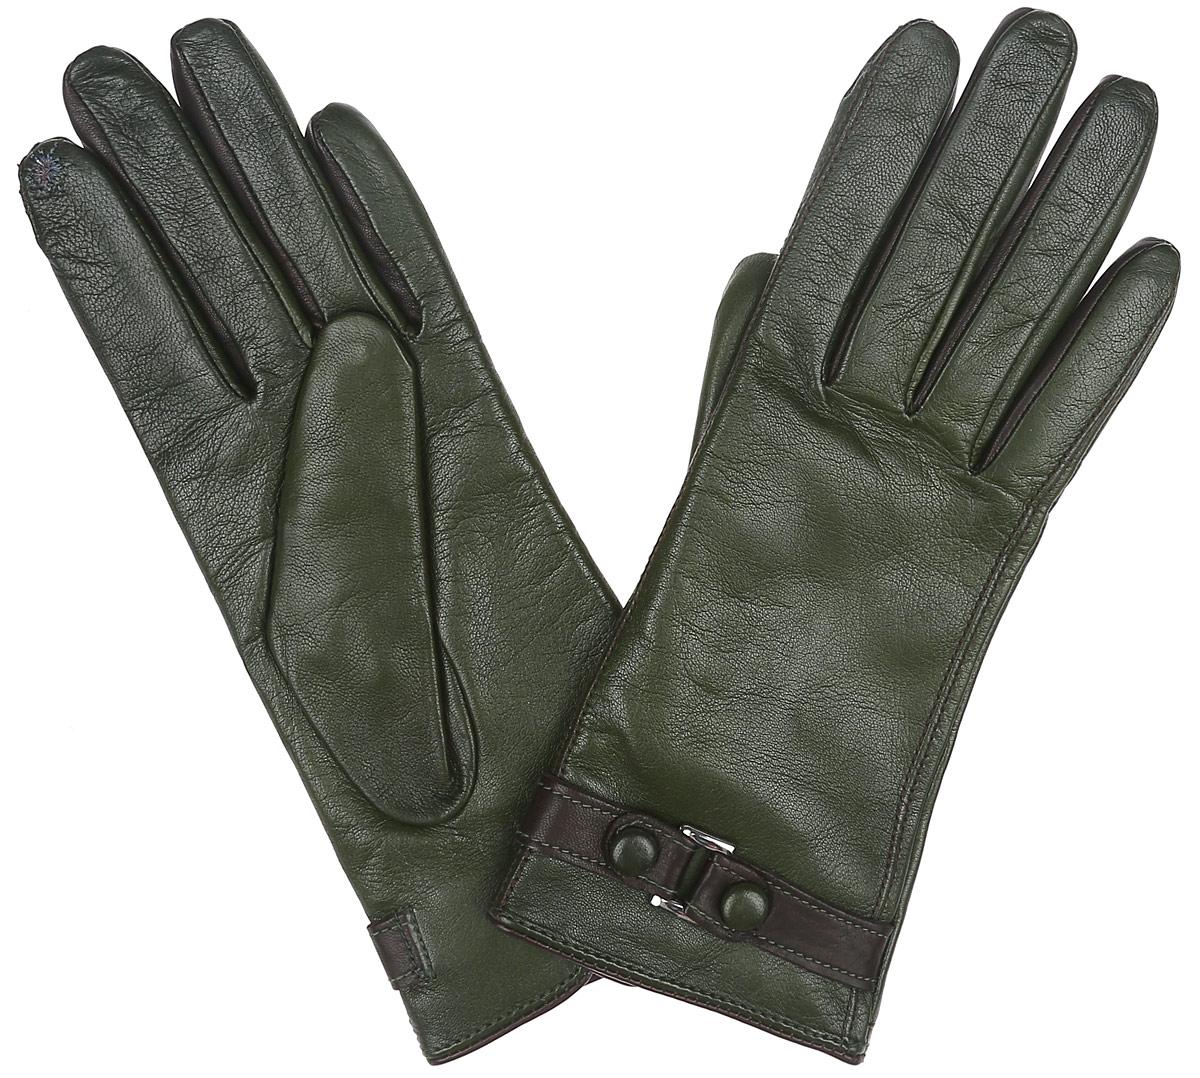 Перчатки женские Eleganzza, цвет: темно-зеленый. TOUCH IS02074. Размер 6,5TOUCH IS02074Новая модель элегантных перчаток от Eleganzza создана специально для работы с сенсорными экранами. Благодаря наличию на пальцах особой металлизированной нити любыми современными устройствами можно пользоваться, не снимая перчаток. Перчатки выполнены из необыкновенно мягкой иприятной на ощупь натуральной кожи контрастных цветов, а их подкладка - из натуральной шерсти с добавлением кашемира. Лицевая сторона оформлена декоративным ремешком. Тыльная сторона дополнена аккуратным разрезом.Руки в тепле, а вы на связи.